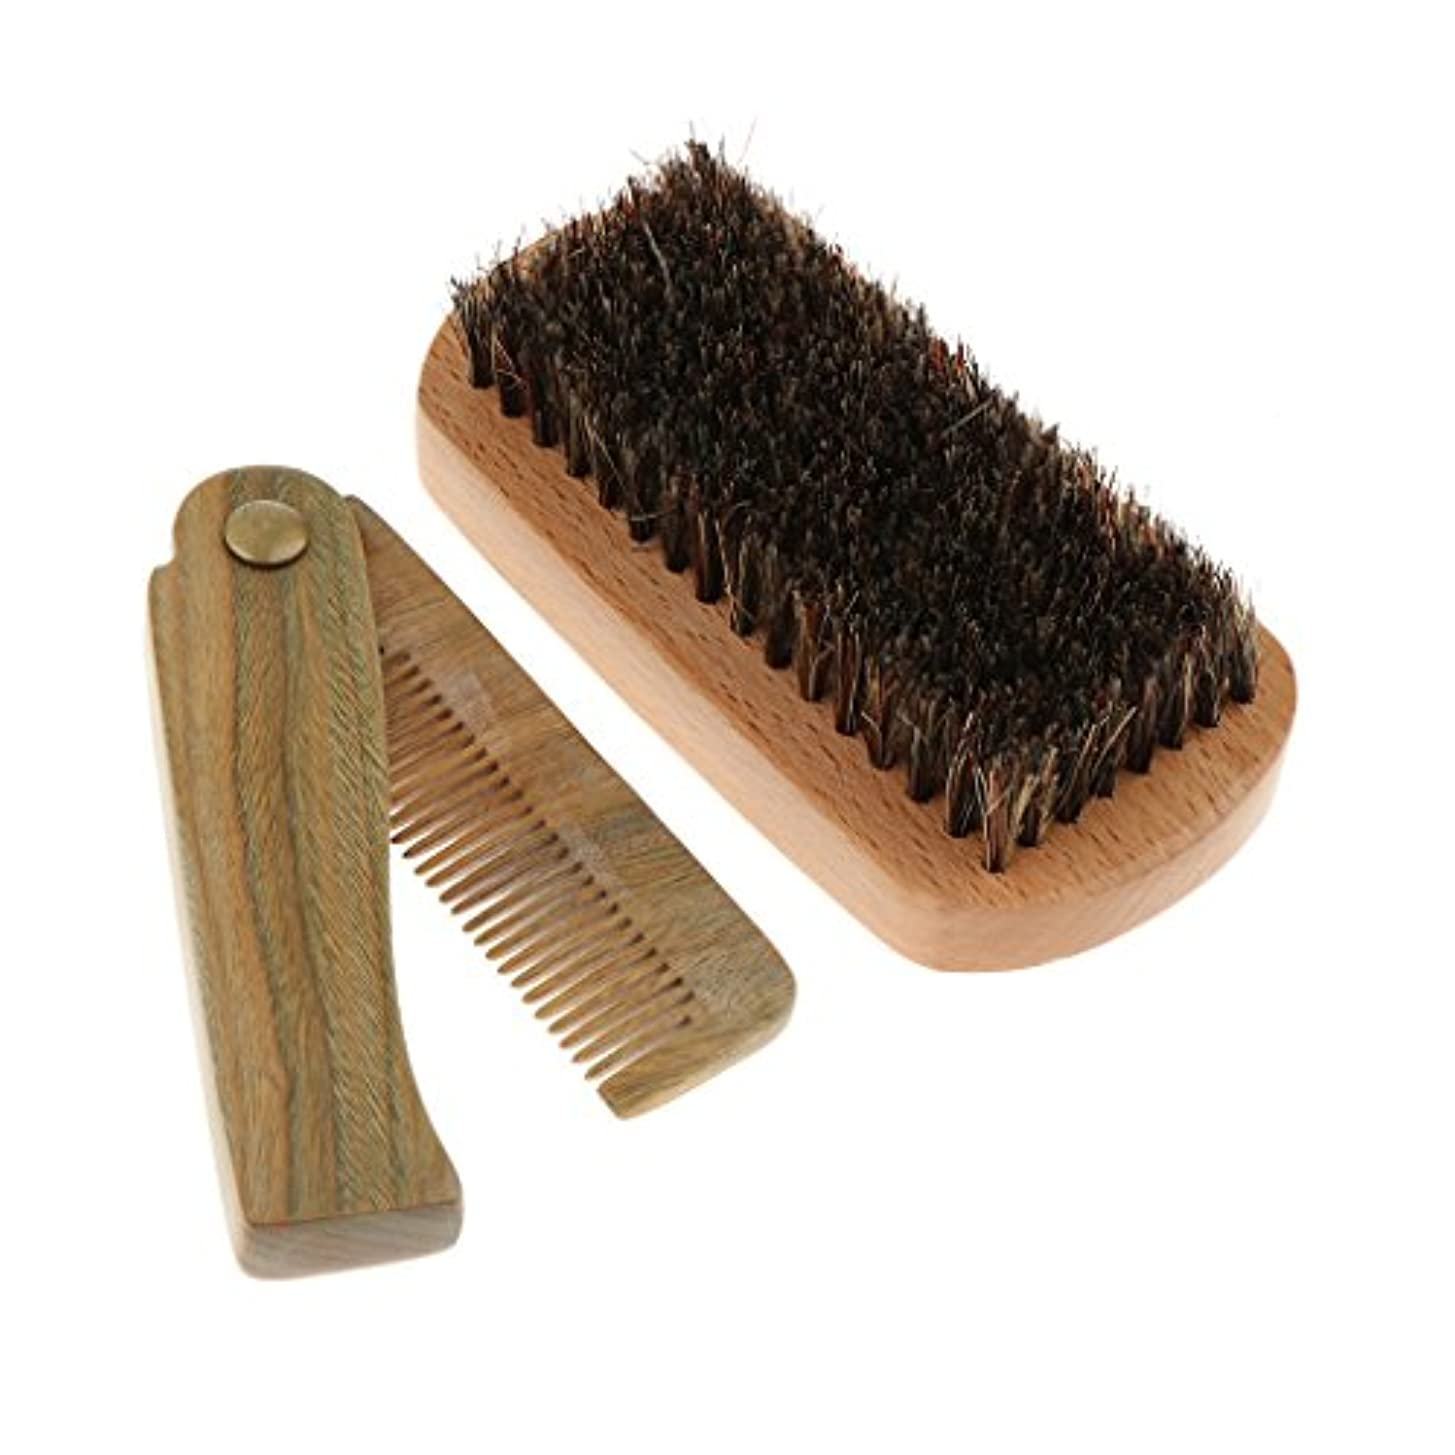 地下公式熟達Perfk シェービング 櫛 ビアード コーム ブラシ 木製 折り畳み ひげ ブリストル ヘアブラシセット メンズ